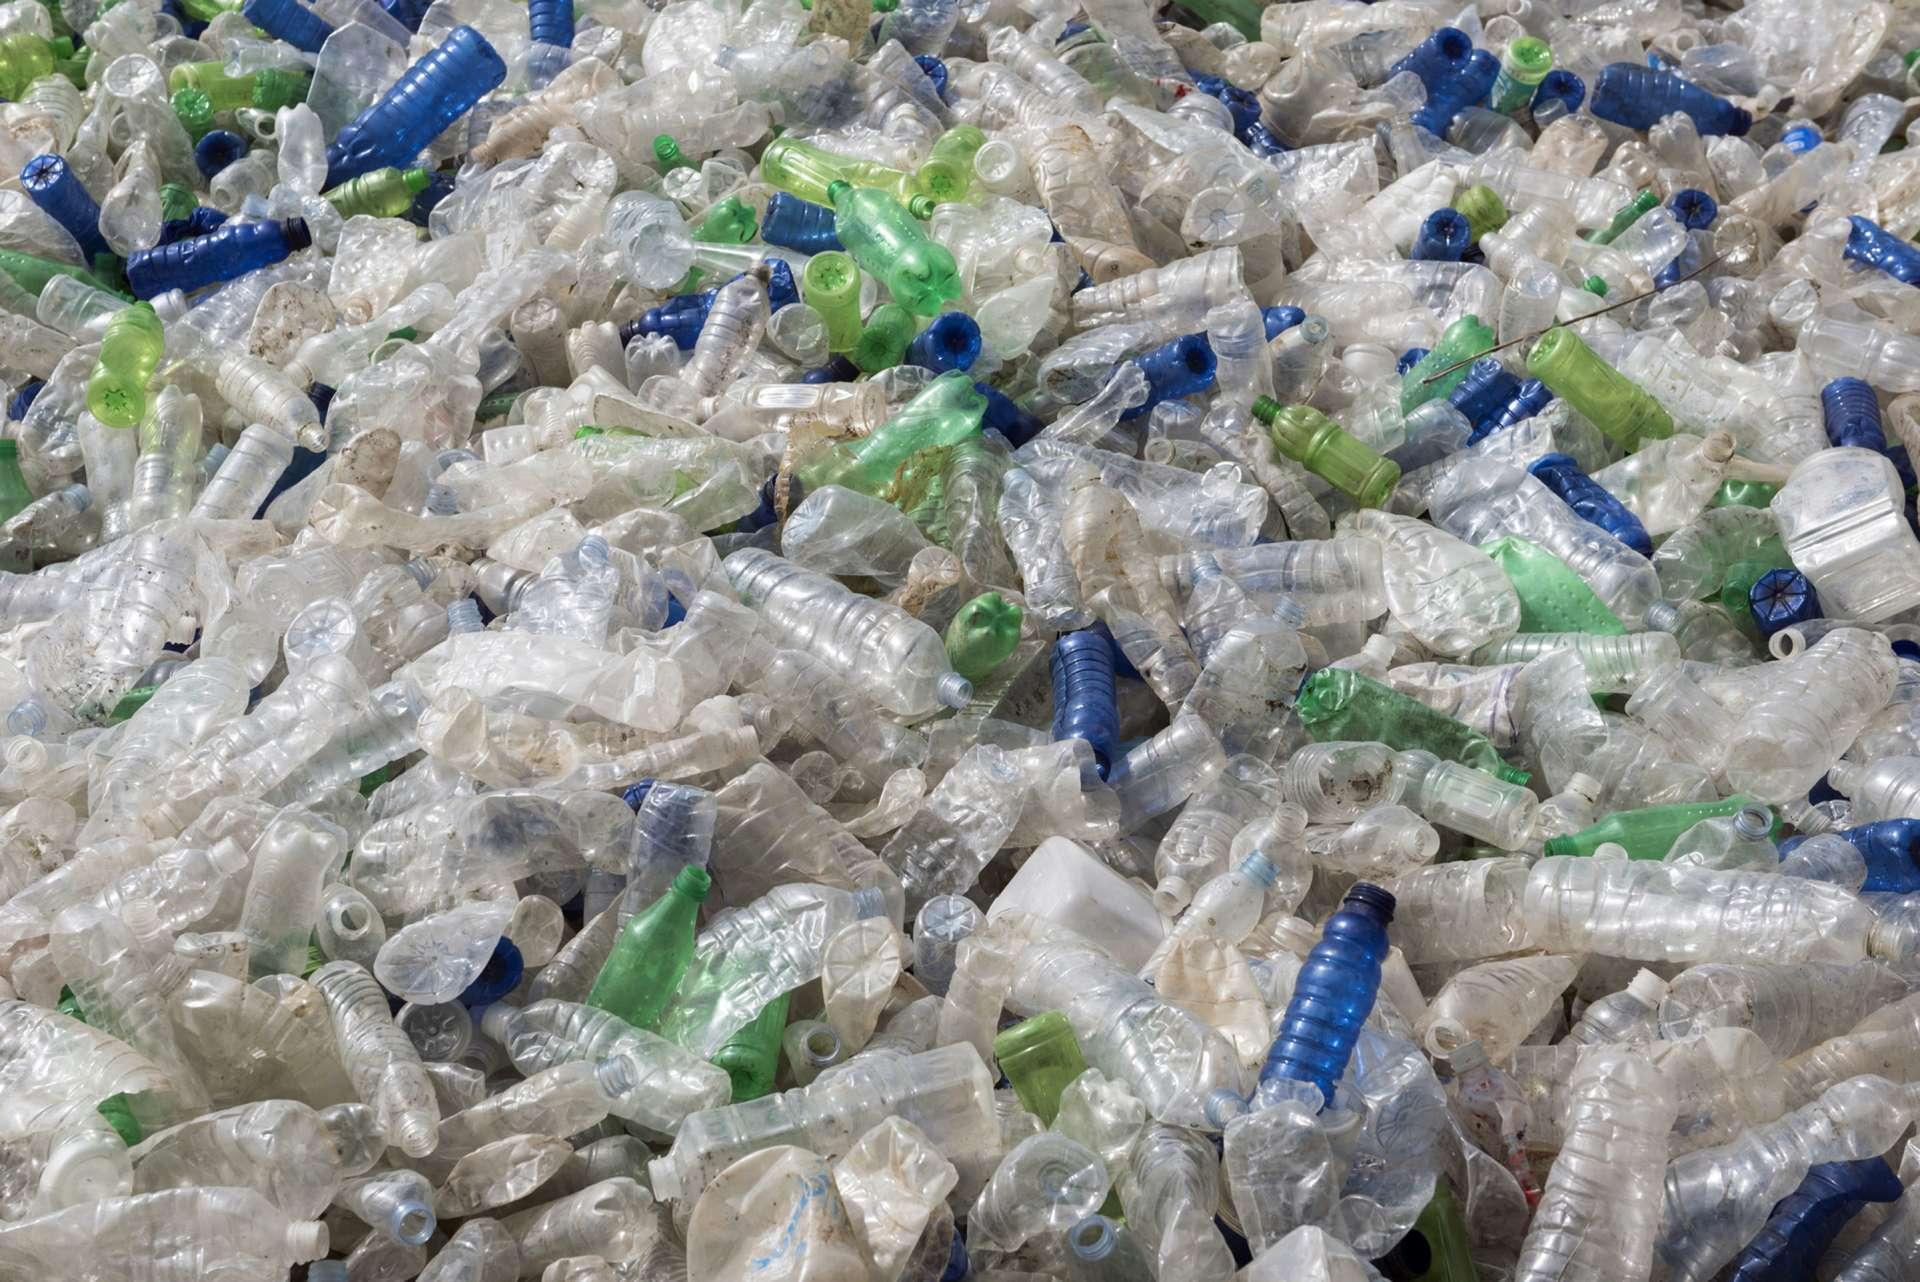 À Guayaquil, dans le sud-ouest de l'Équateur, les usagers du réseau de bus peuvent financer leurs titres de transport en recyclant des bouteilles en plastique grâce aux machines de collecte mises à leur disposition. © Joel Carillet/IStock.com